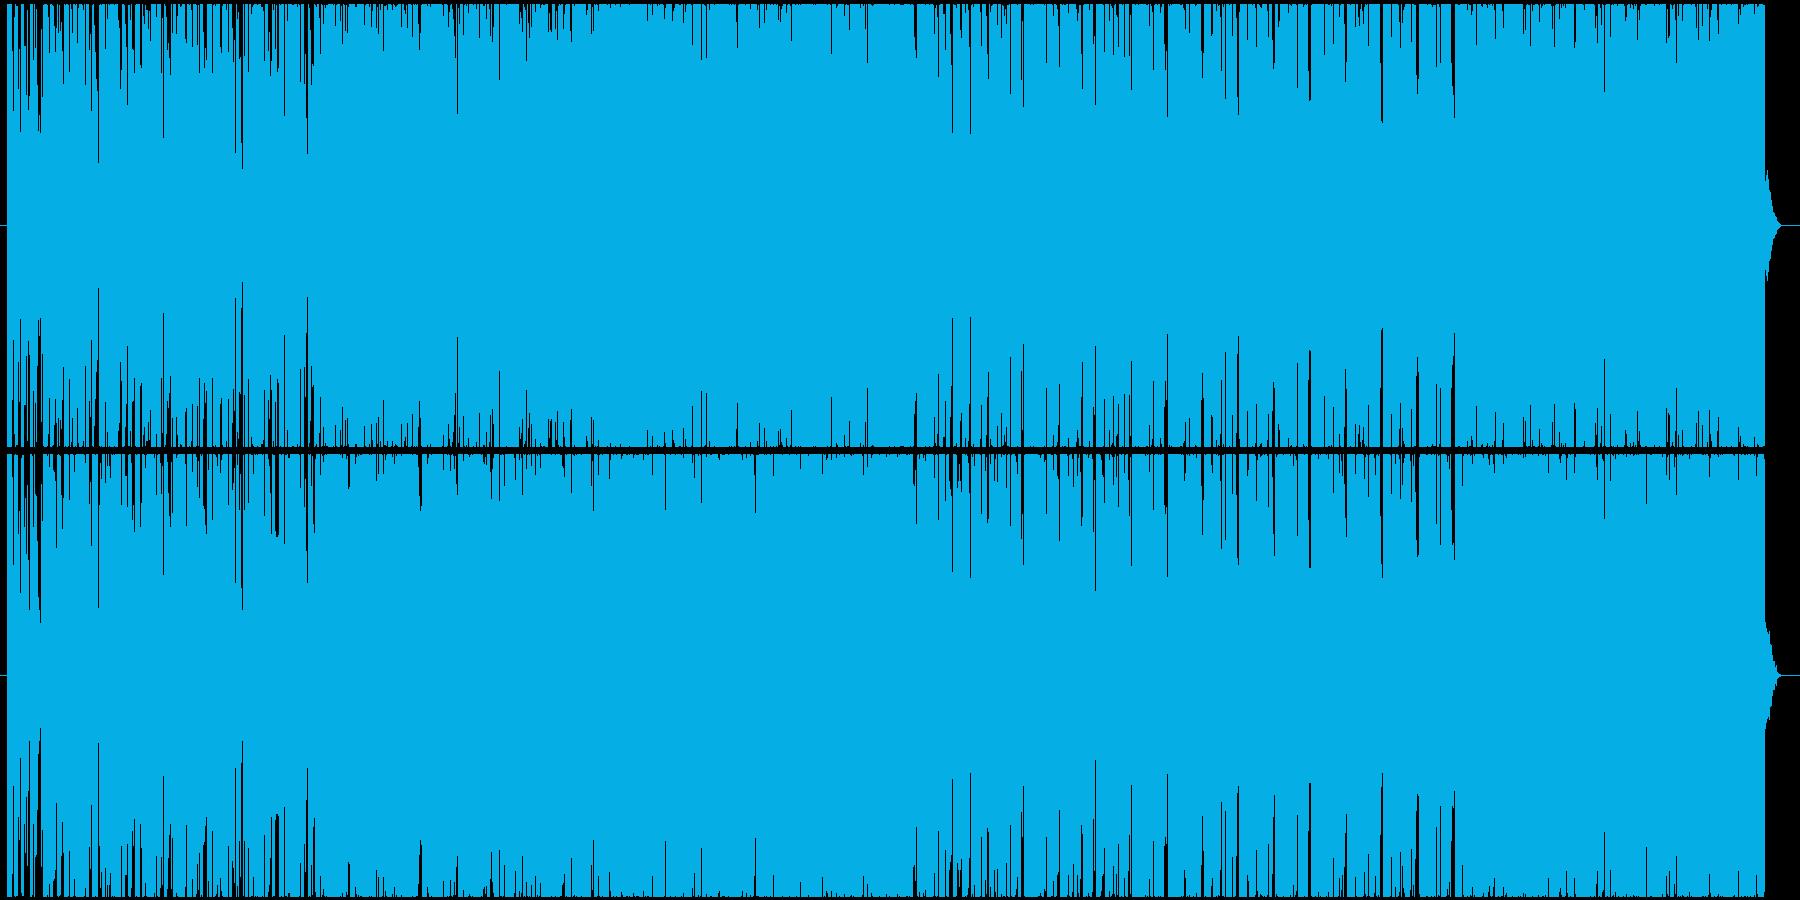 近未来的なキラキラした安定感あるBGMの再生済みの波形